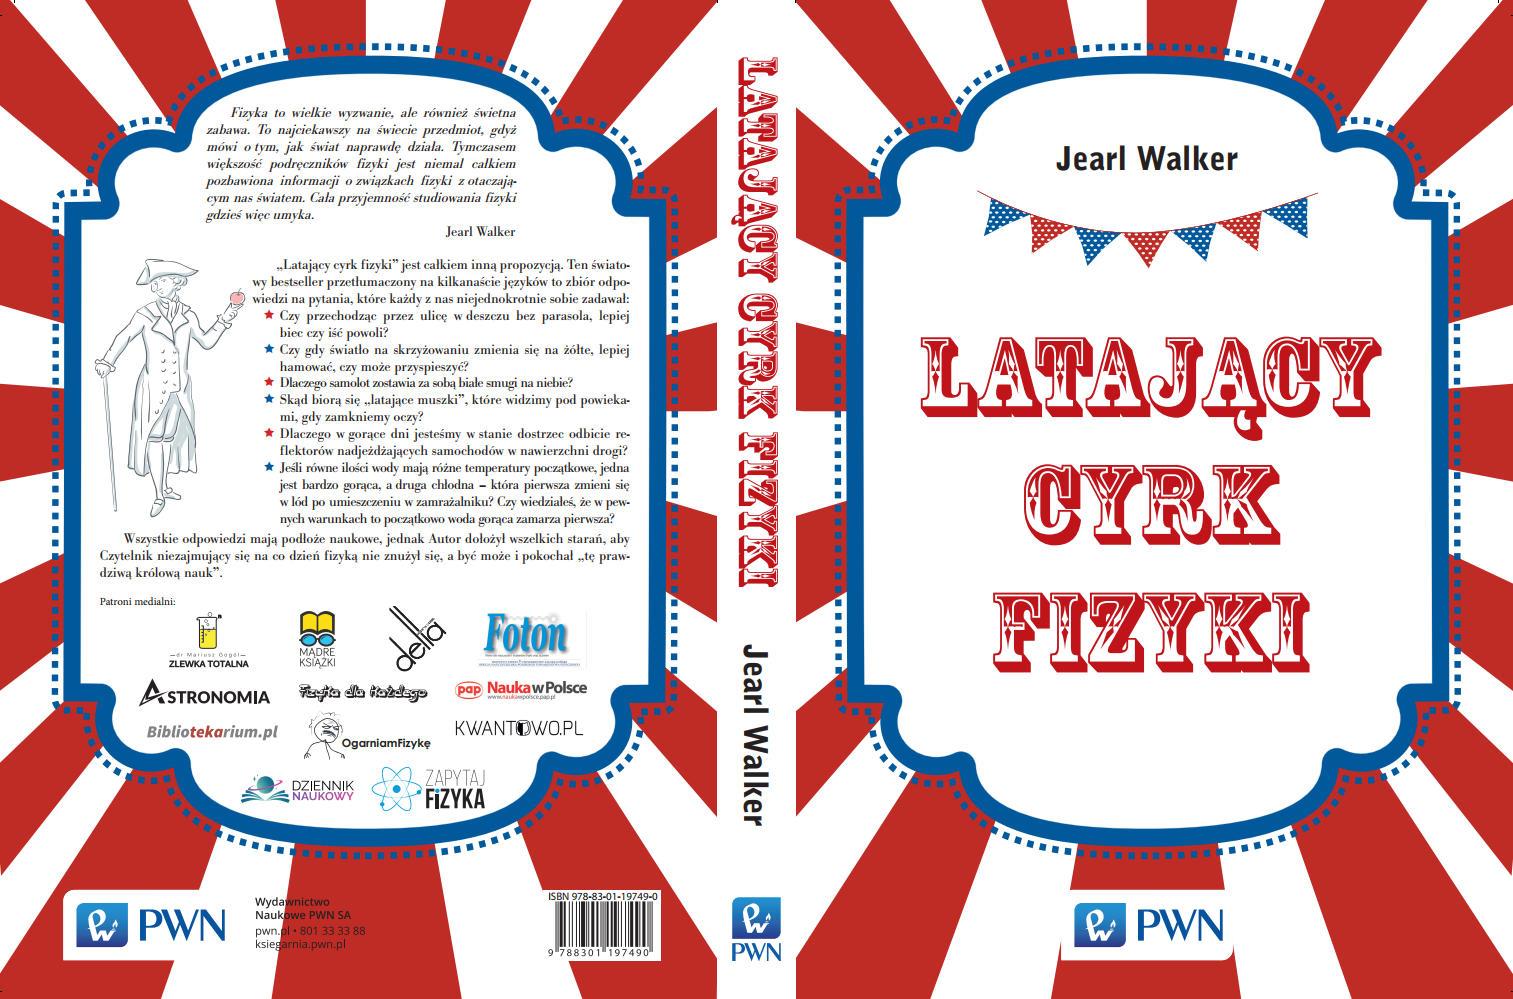 latajacy-cyrk-fizyki.jpg